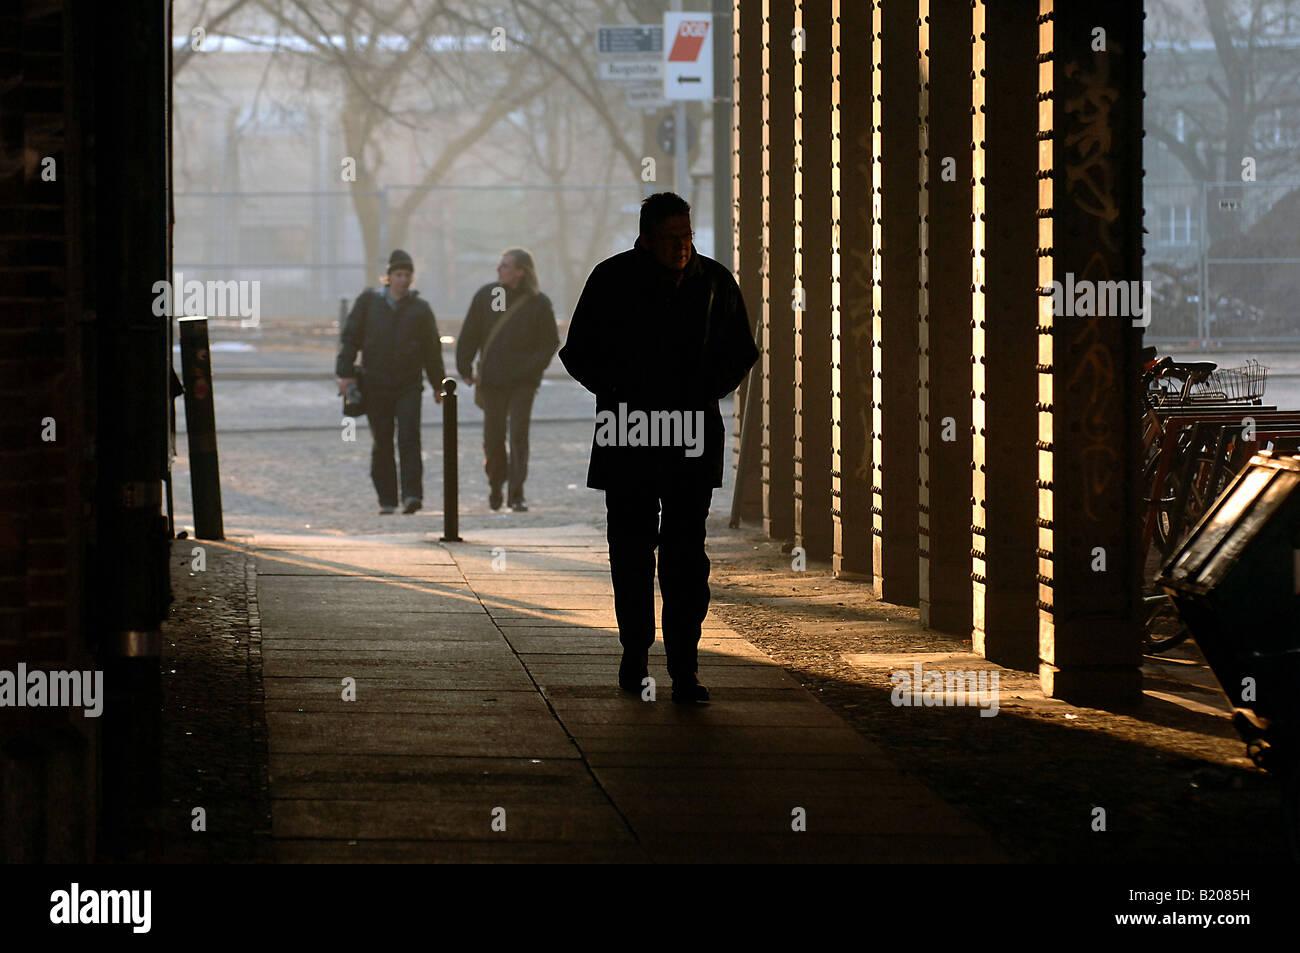 Mann zu Fuß unter einer Brücke, Berlin, Deutschland Stockbild